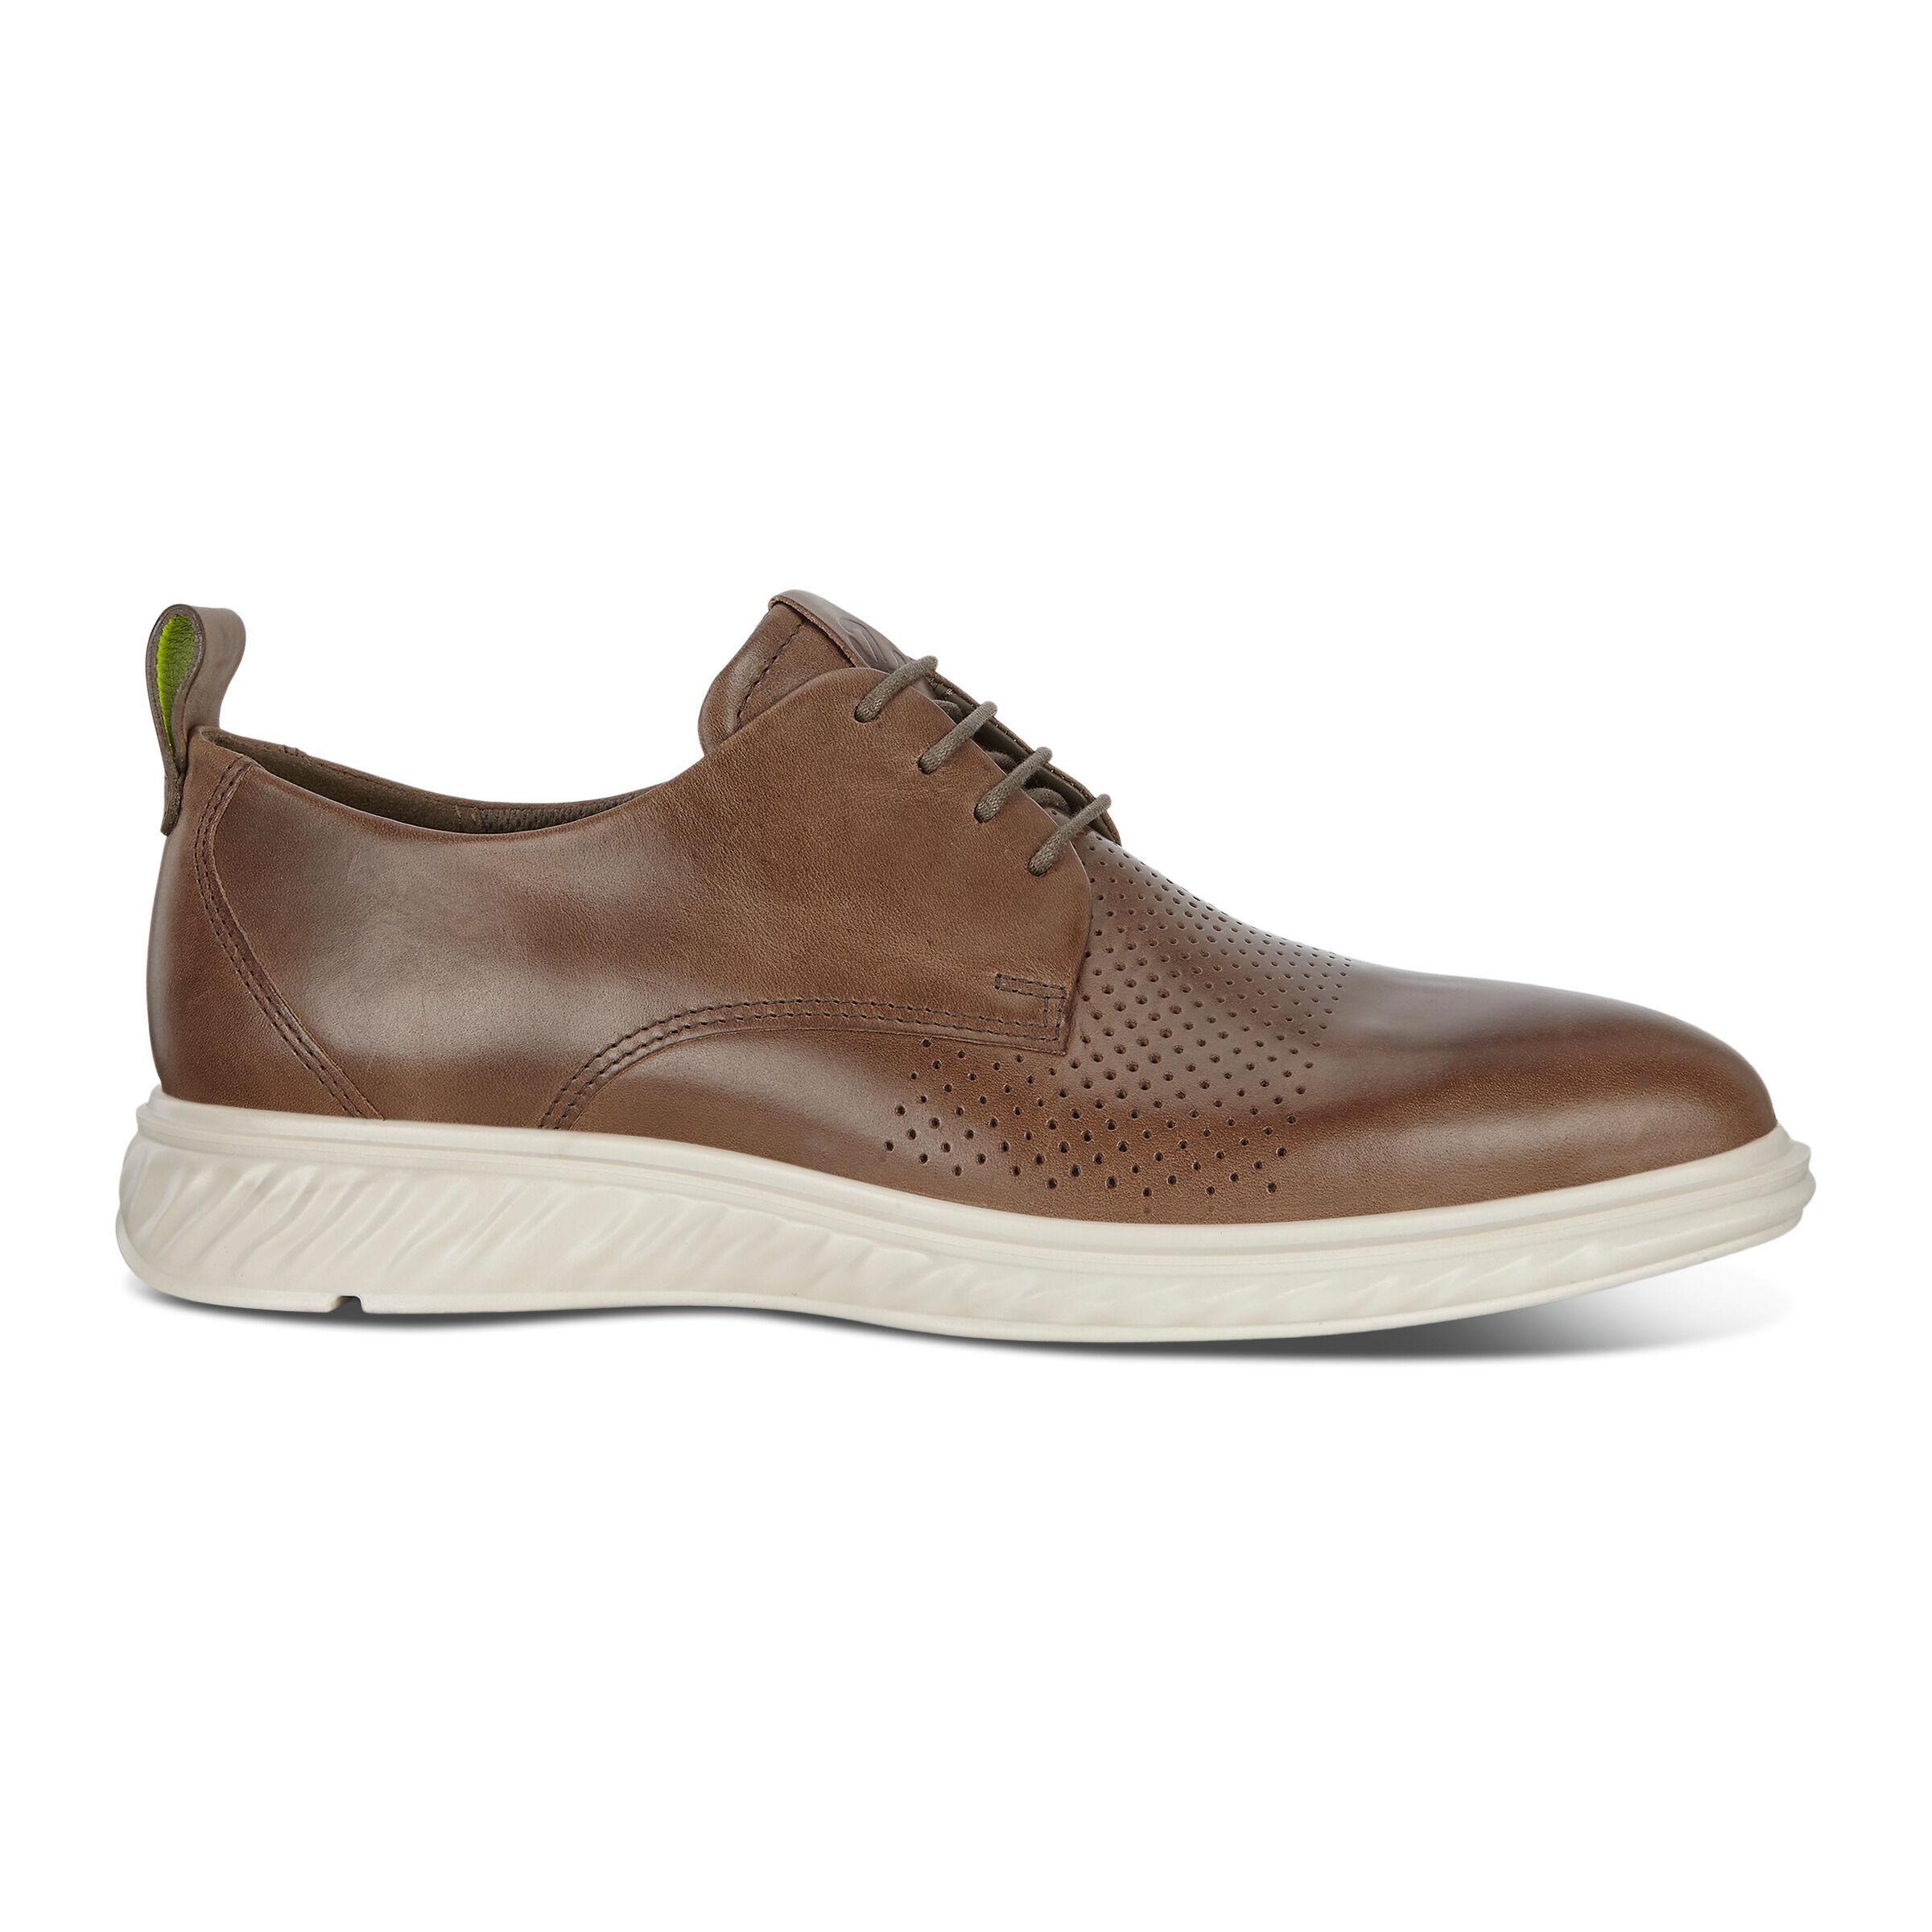 에코 St. 1 하이브리드 라이트 슈즈 ECCO ST.1 Hybrid Lite Plain-Toe Derby Shoes,DARK CLAY